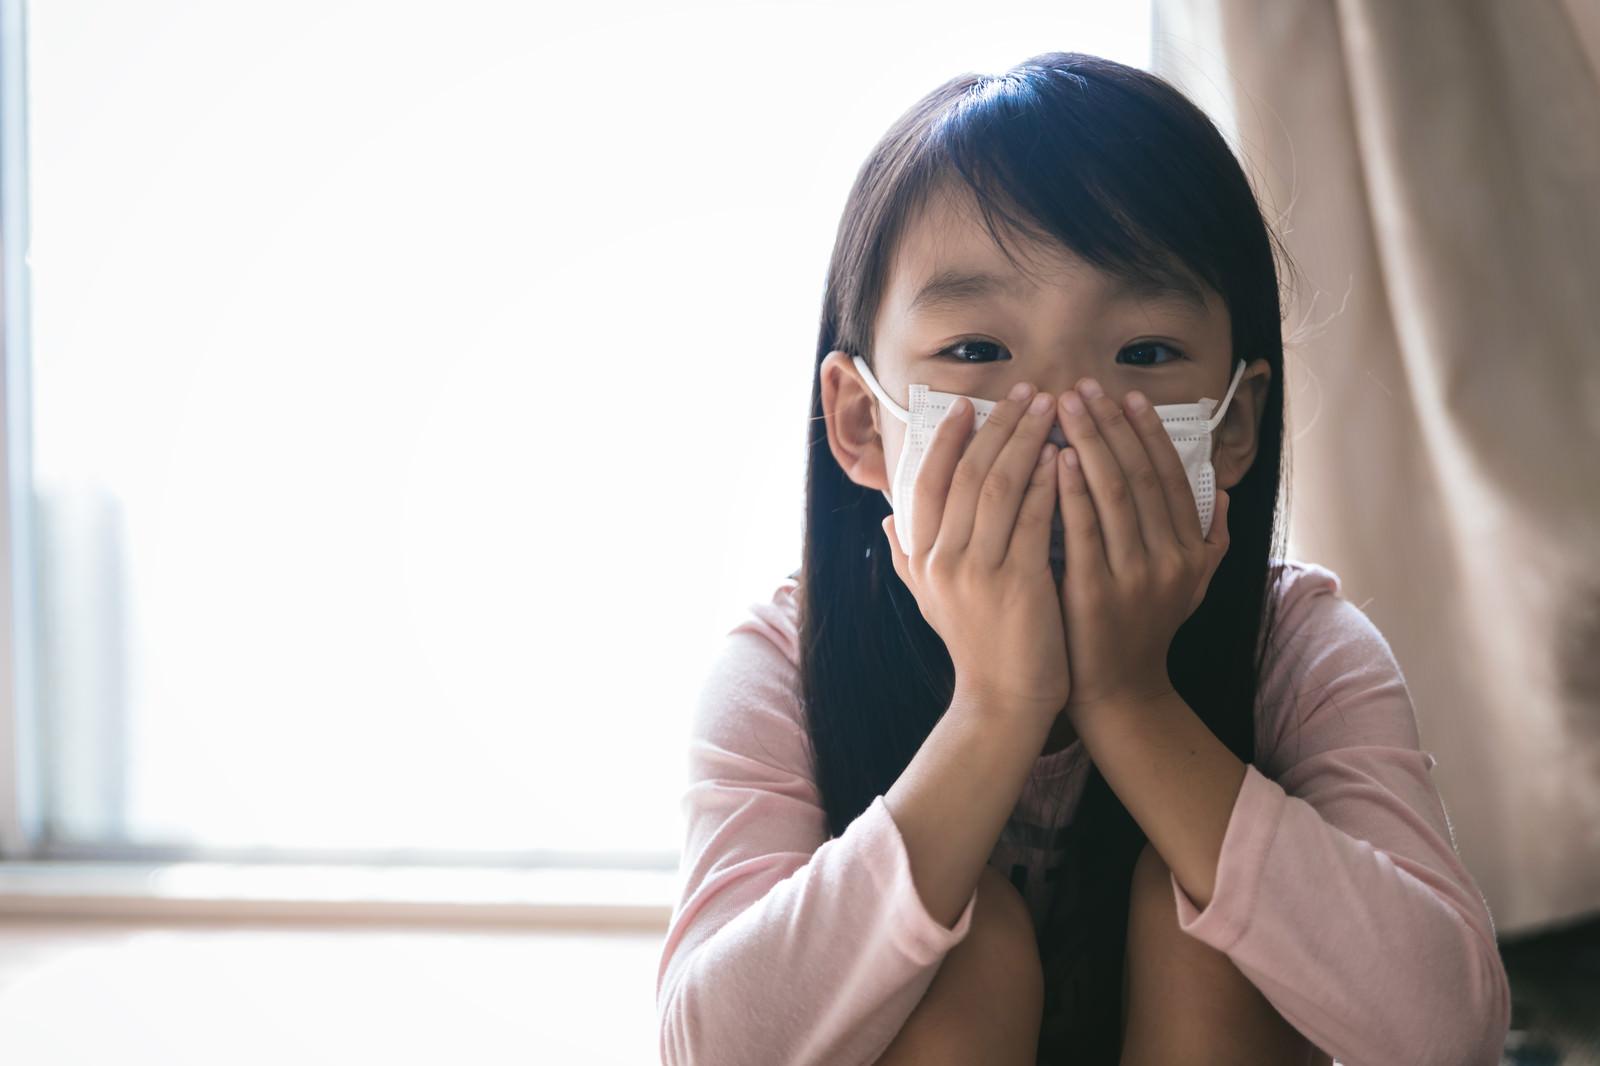 「インフルエンザ対策にマスクをする子供」の写真[モデル:あんじゅ]